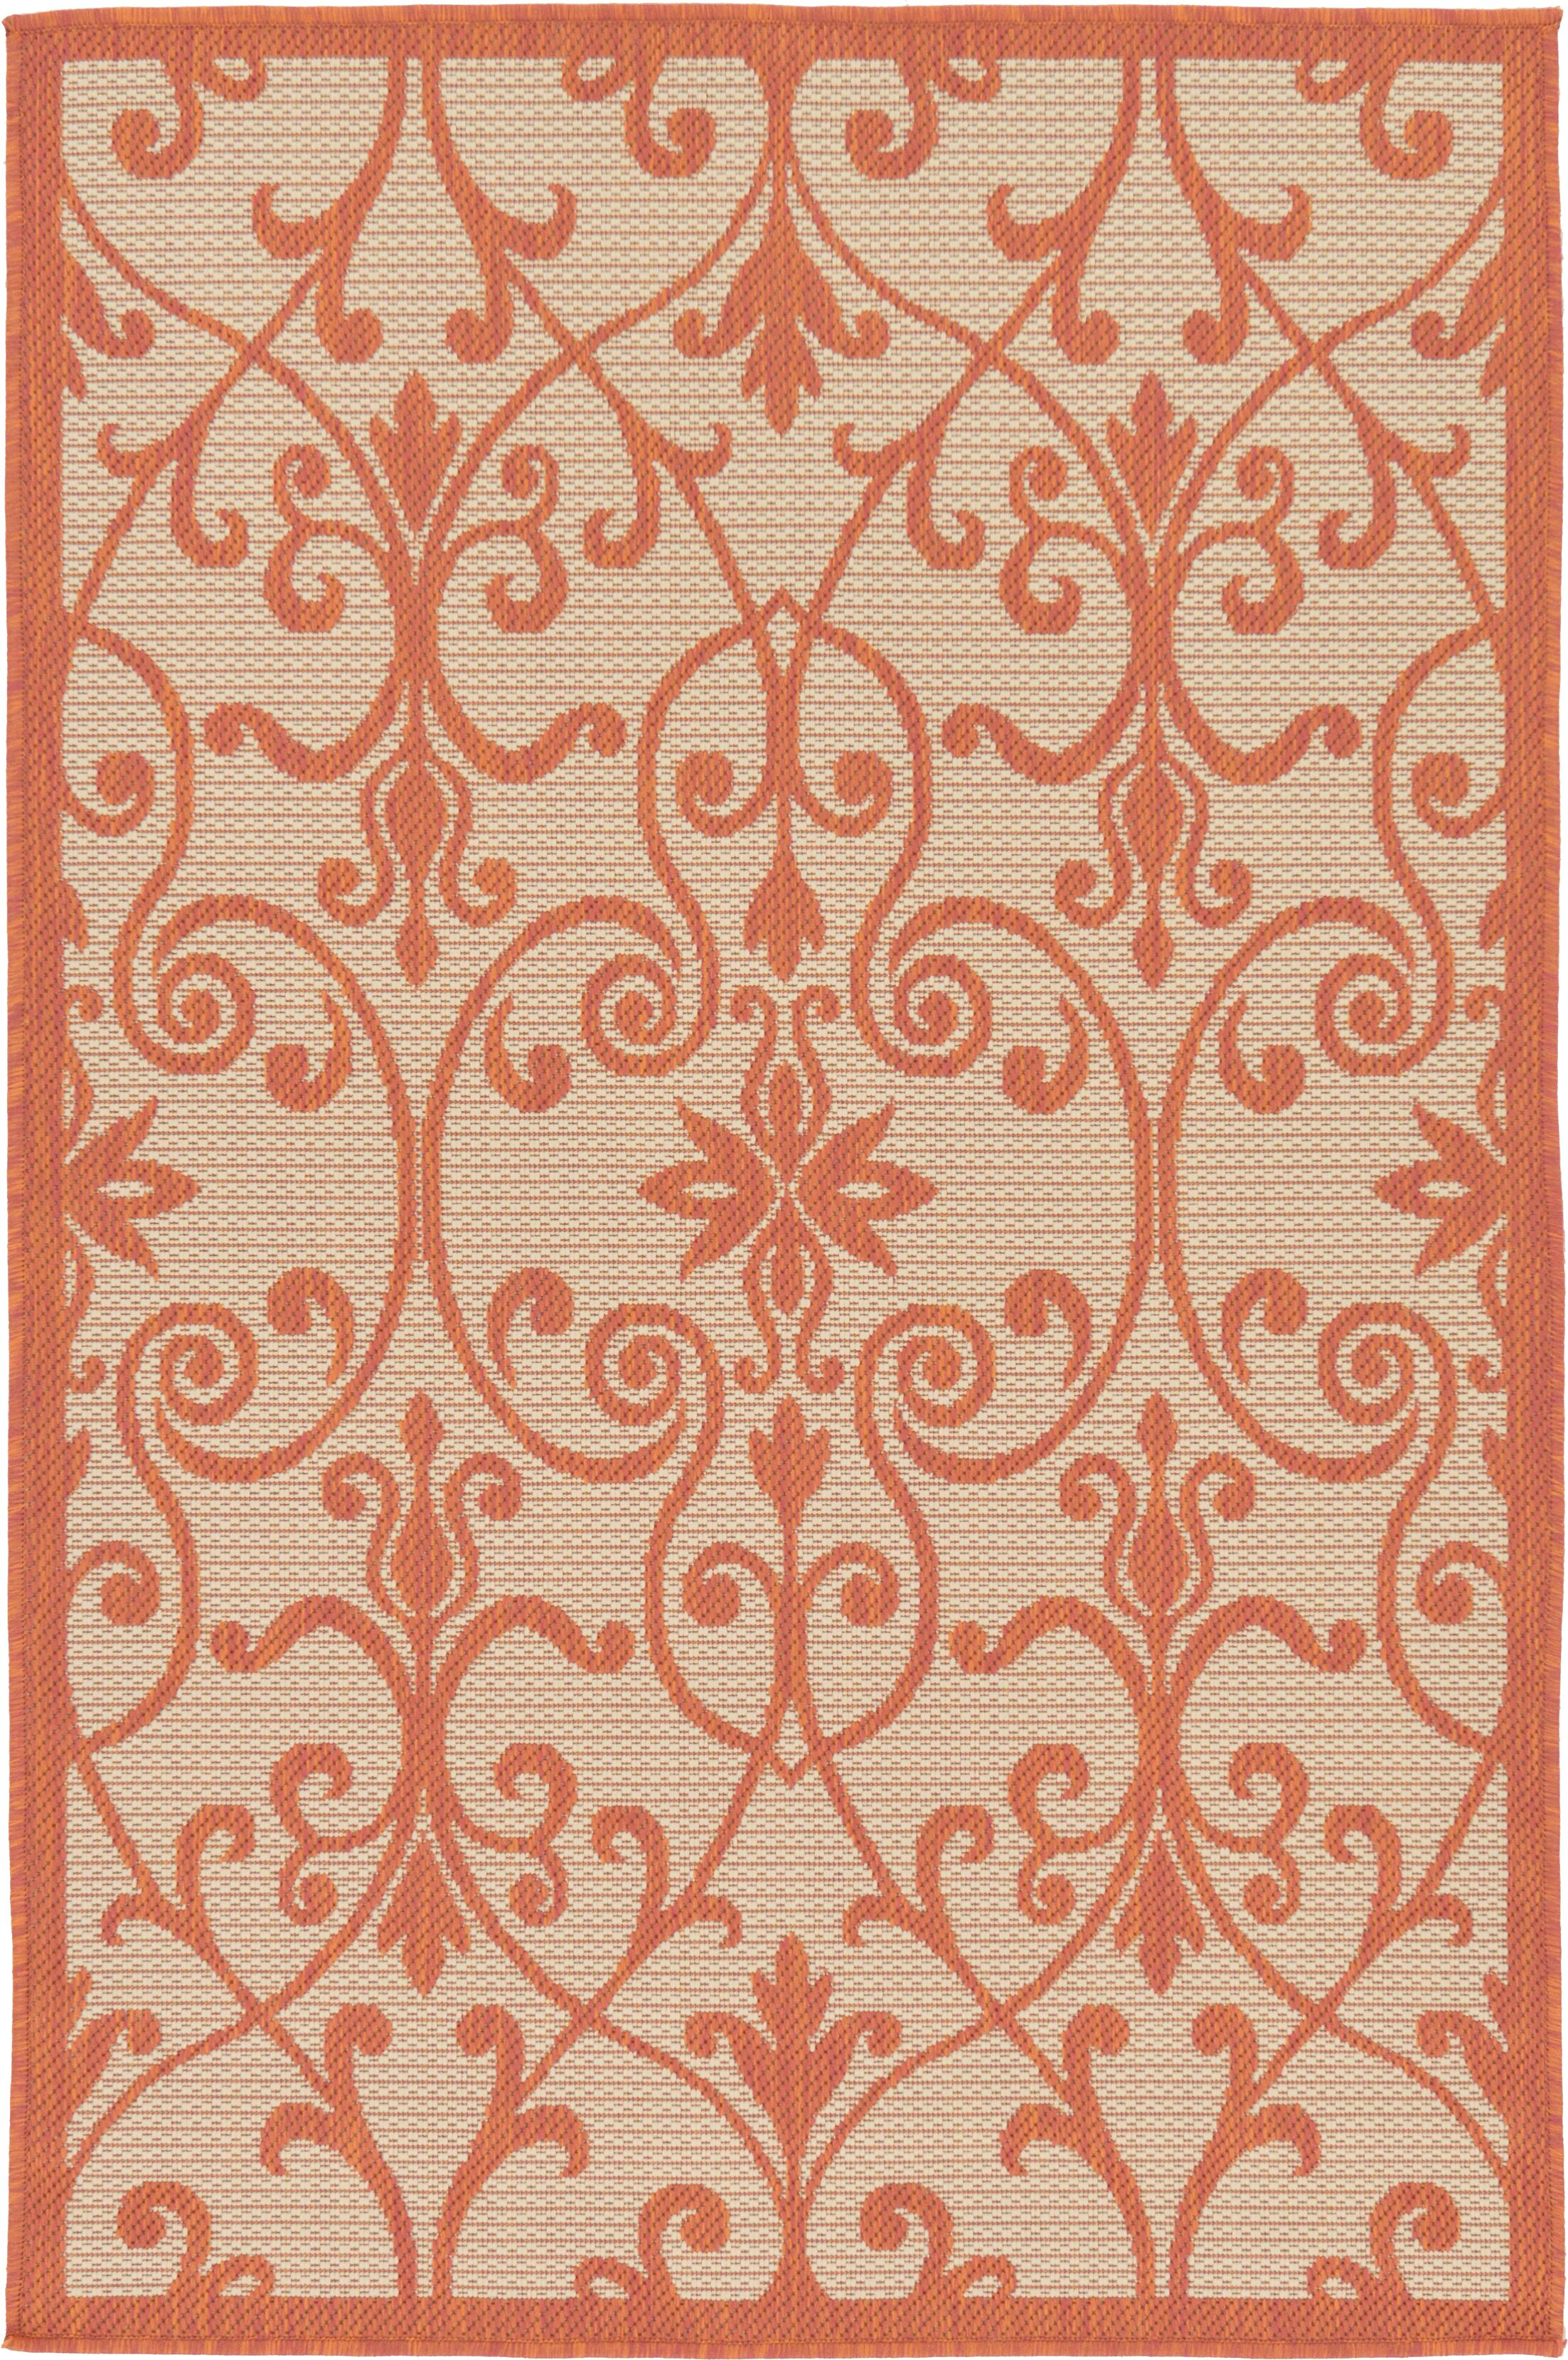 Staffordshire Beige Indoor/Outdoor Area Rug Rug Size: Rectangle 3'3